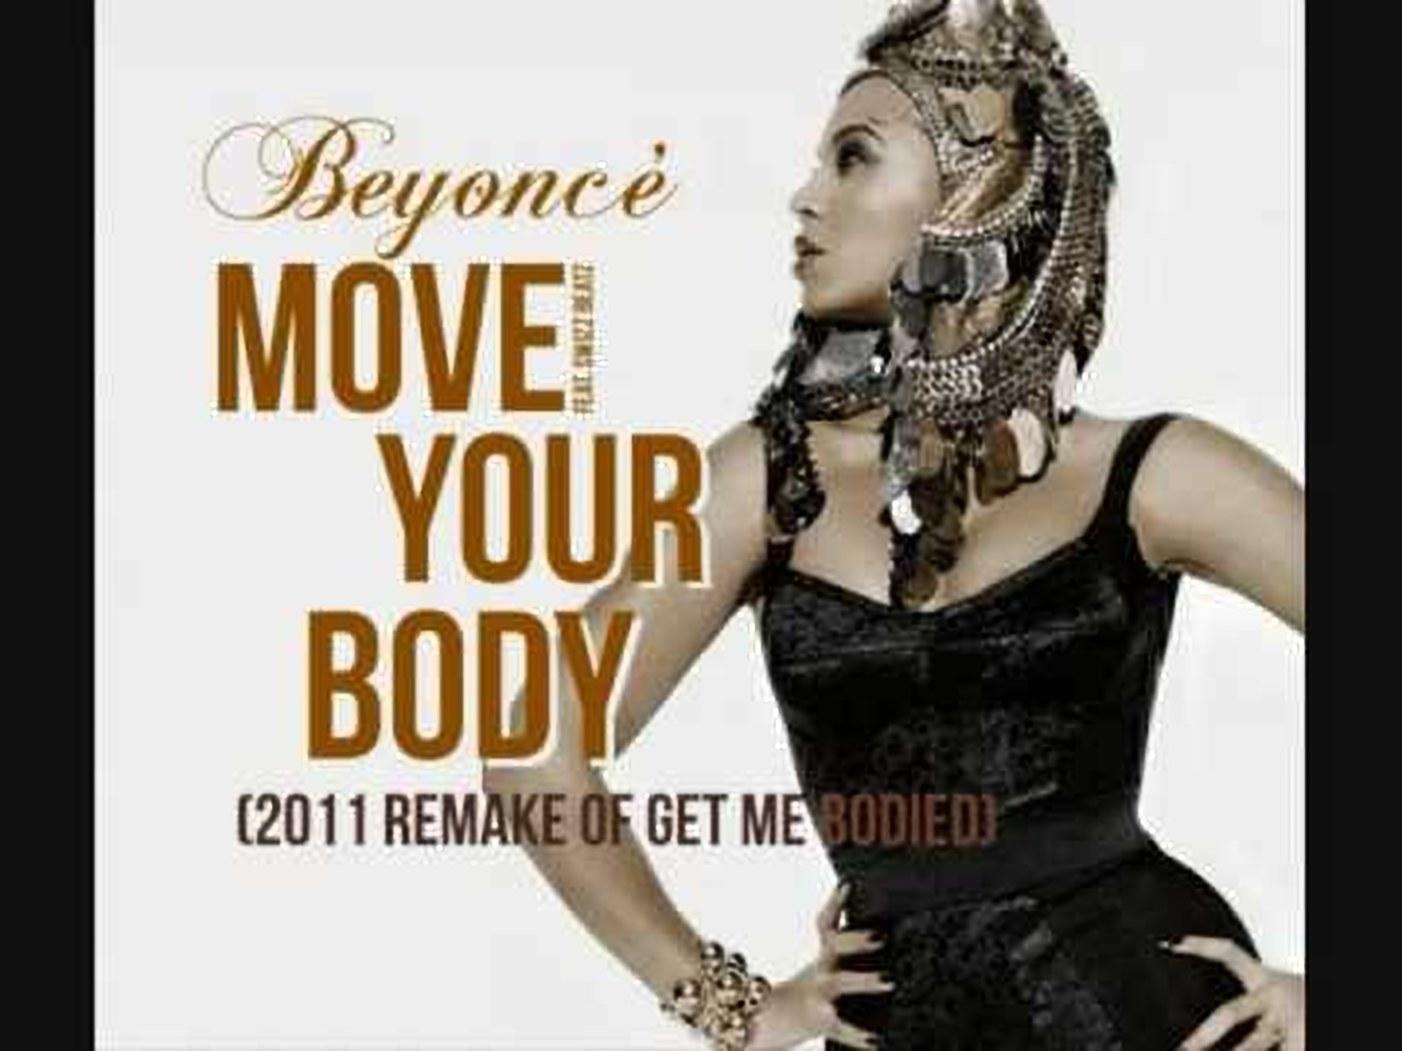 دانلود زیرنویس فارسی فیلم Beyoncé: Move Your Body